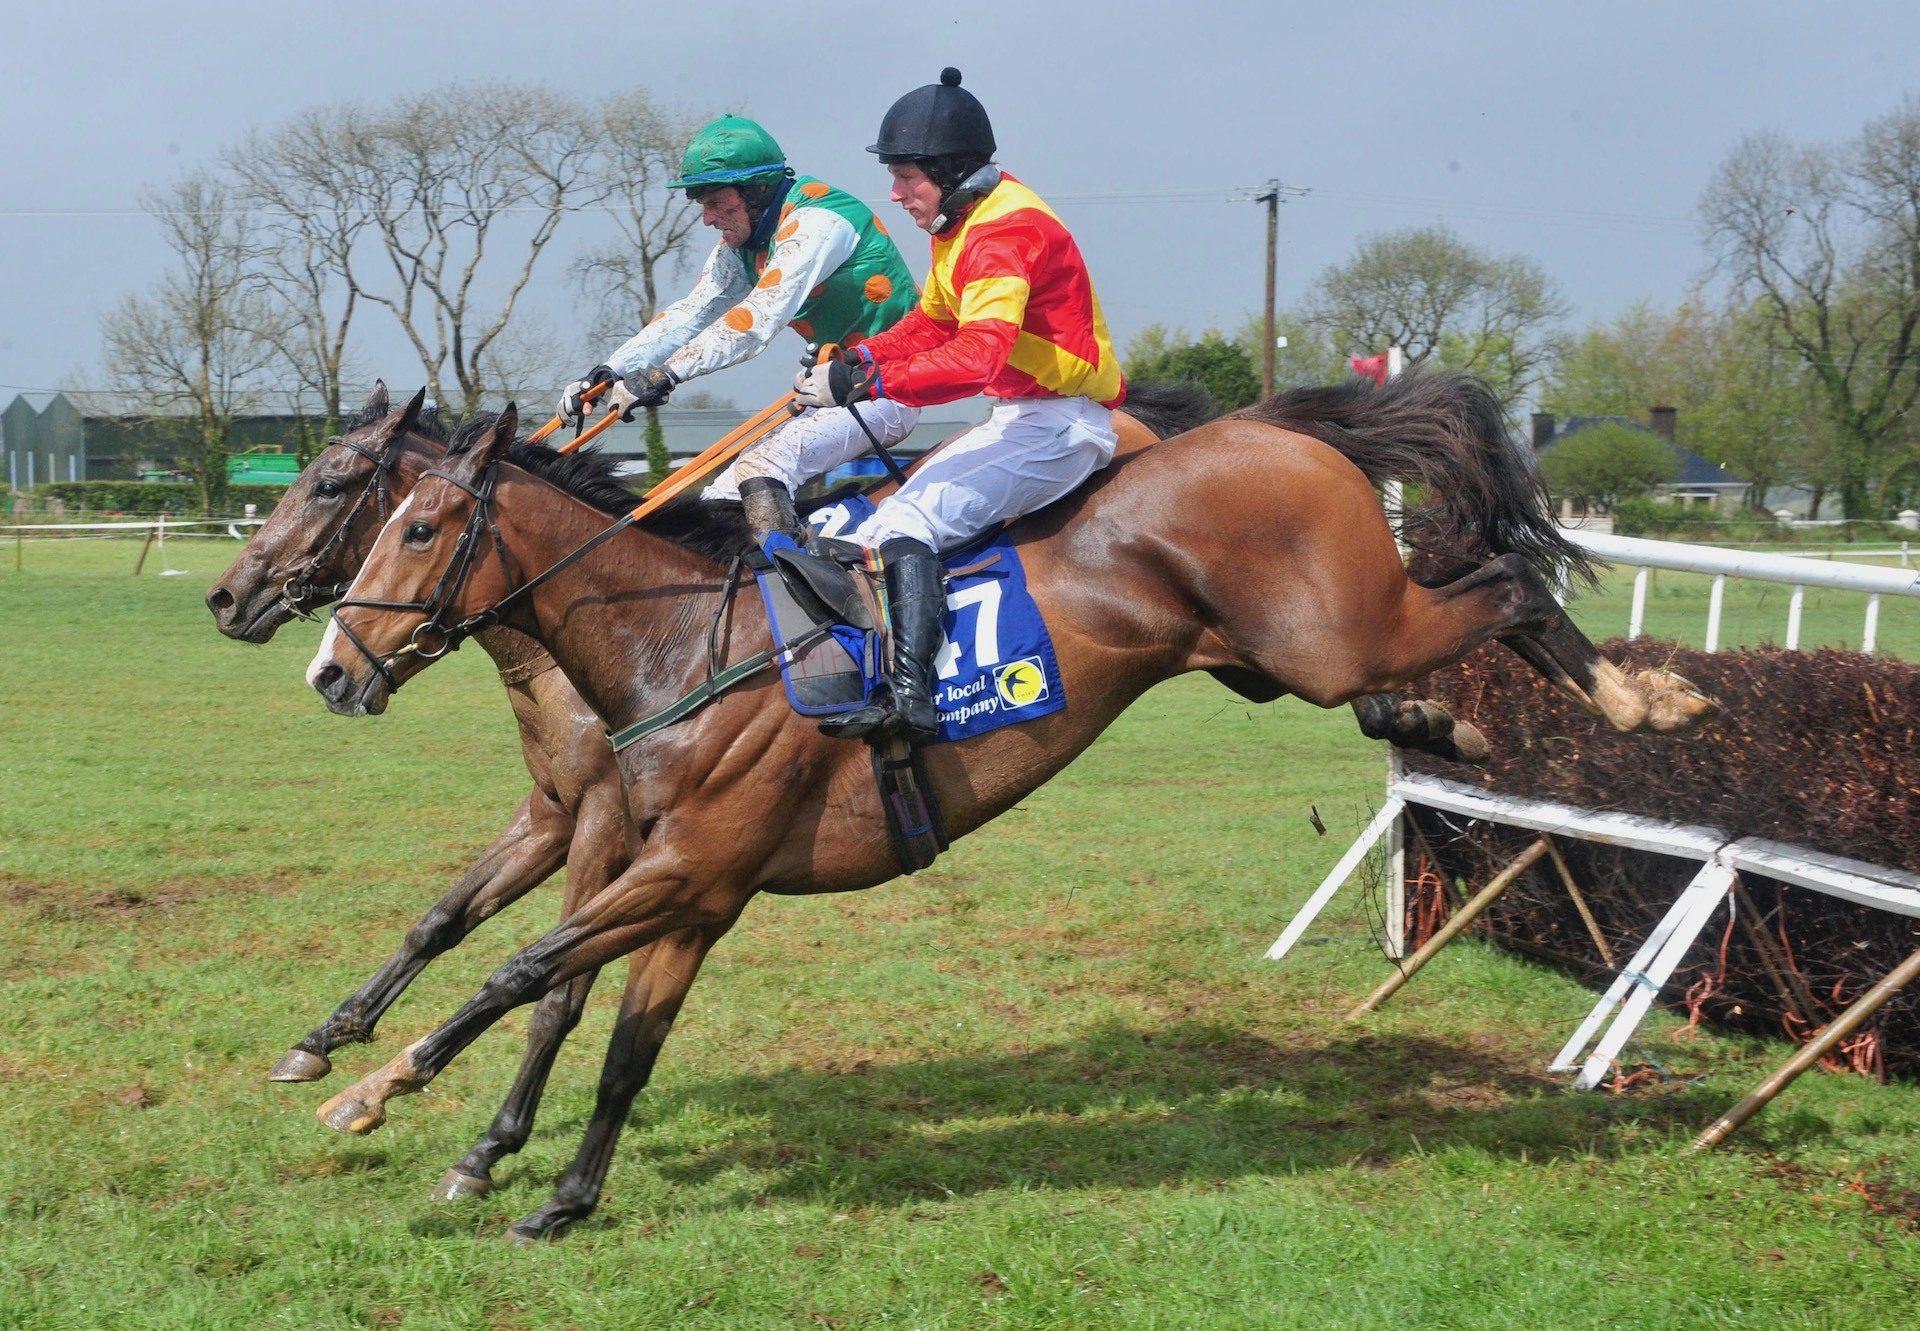 Tigers Roar (Leading Light) Wins The 5 YO Geldings Maiden At Dromahane